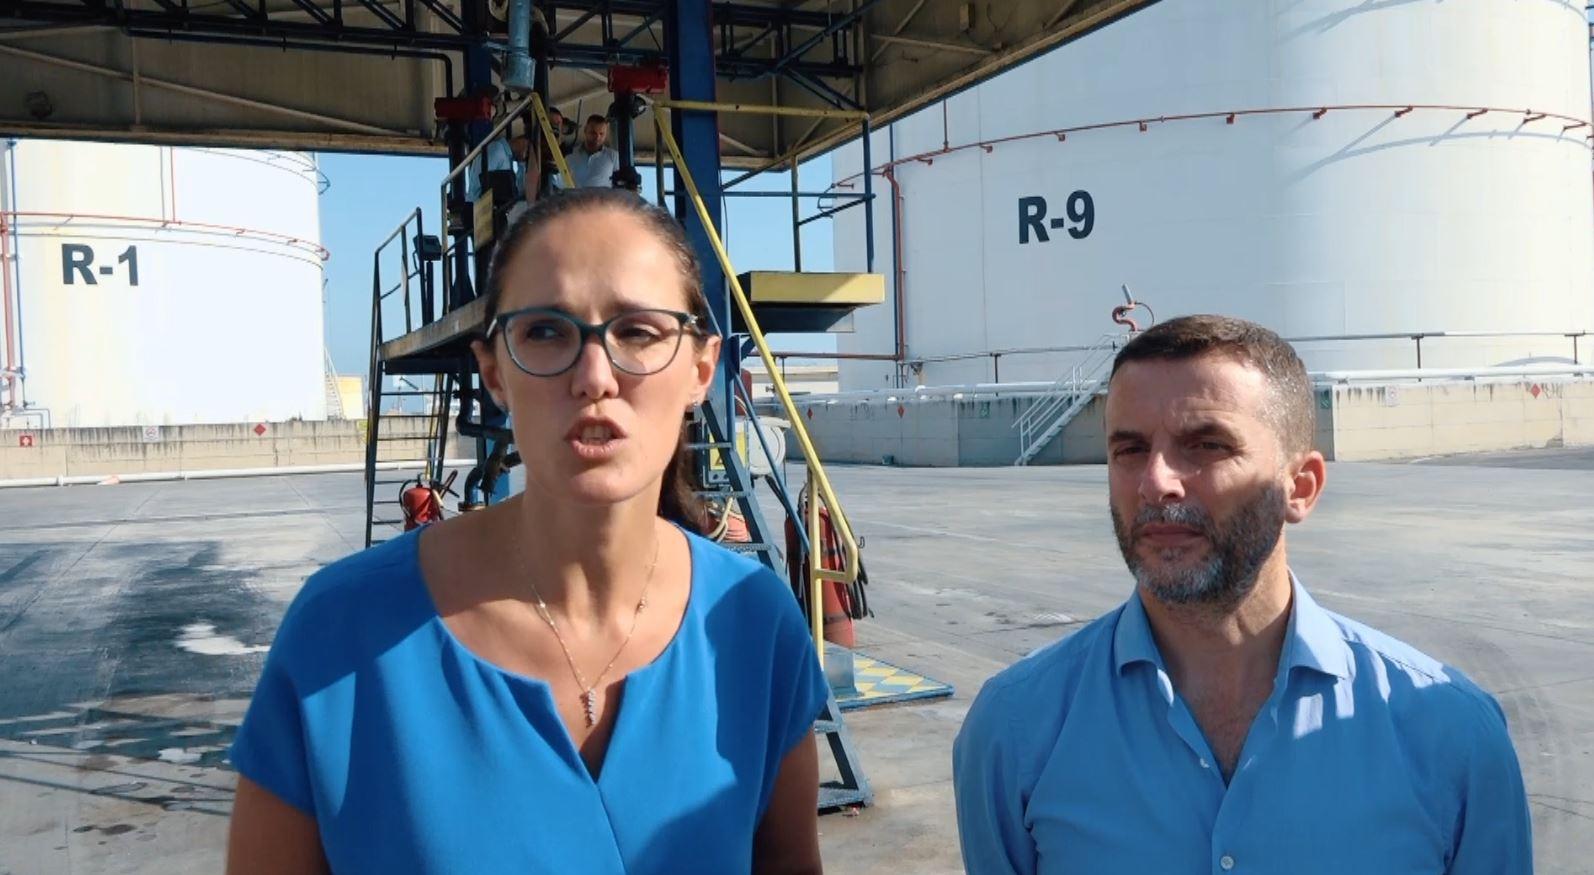 Braçe e Brahimaj kontroll në pompat e naftës në Porto – Romano: Respektoni ligjin ose ju pret burgu